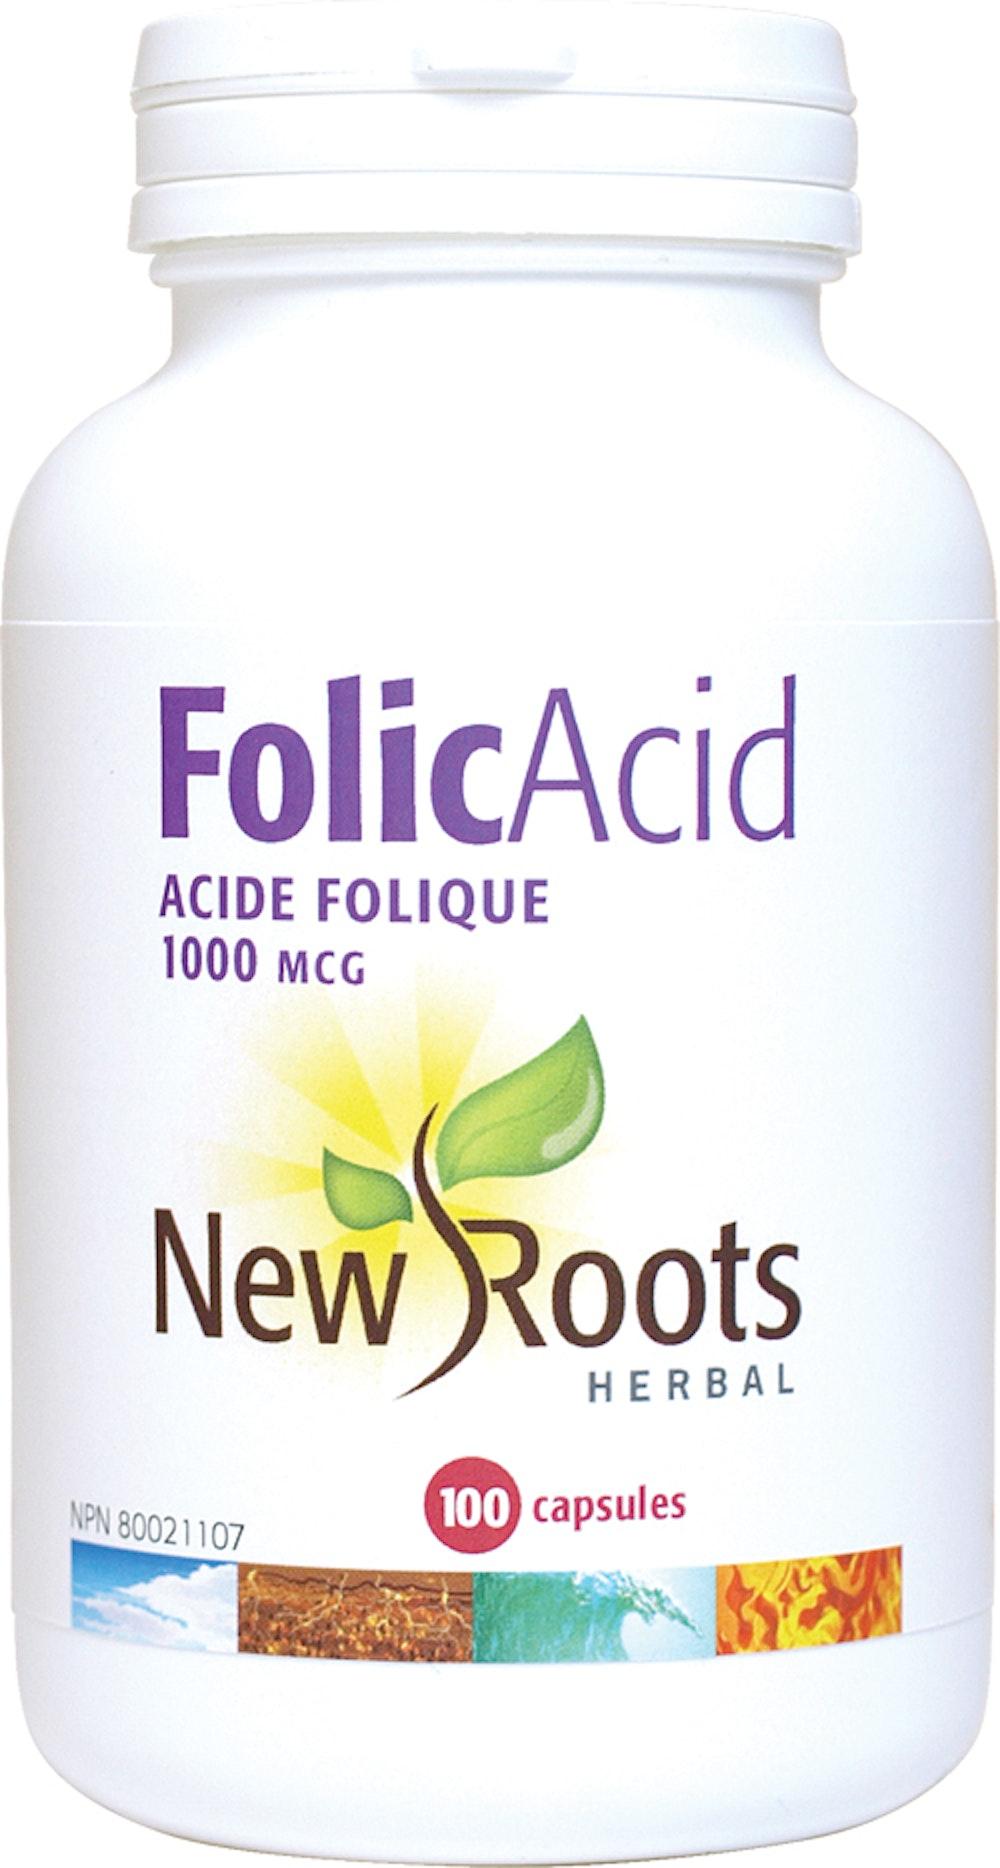 Acide Folique 1000 mcg